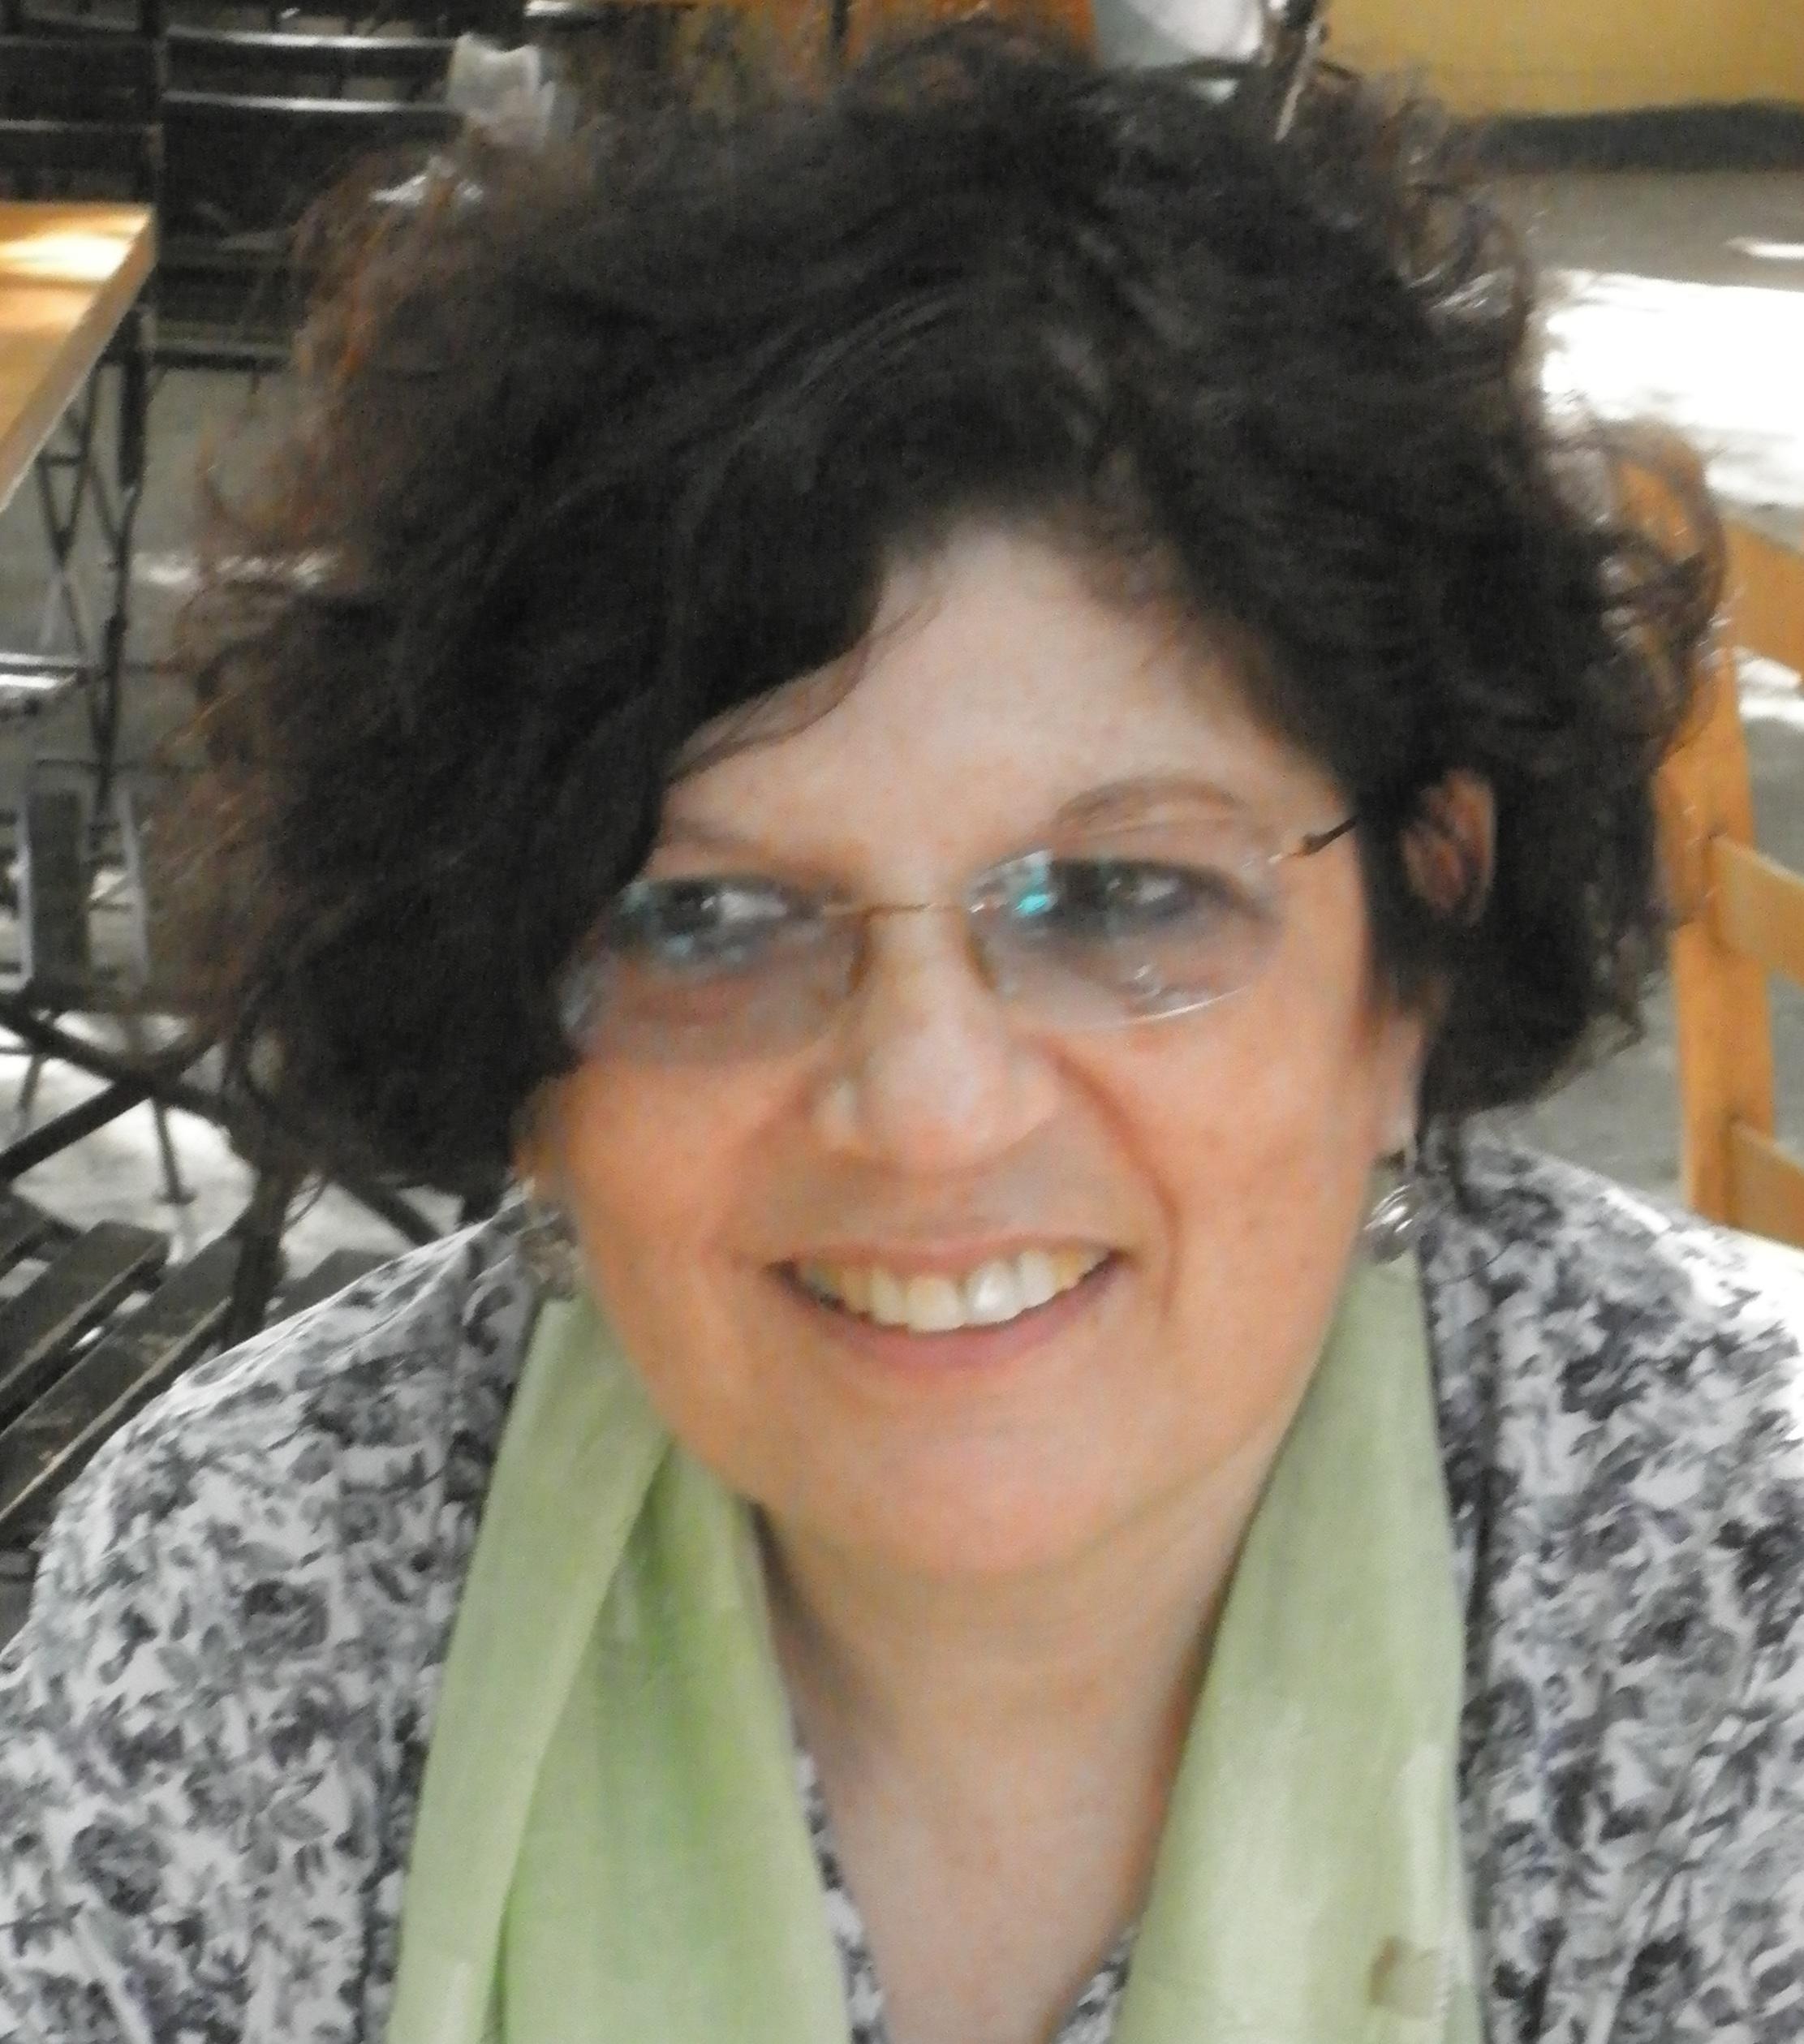 דוקטור שרה ספינרד - תמונת פרופיל